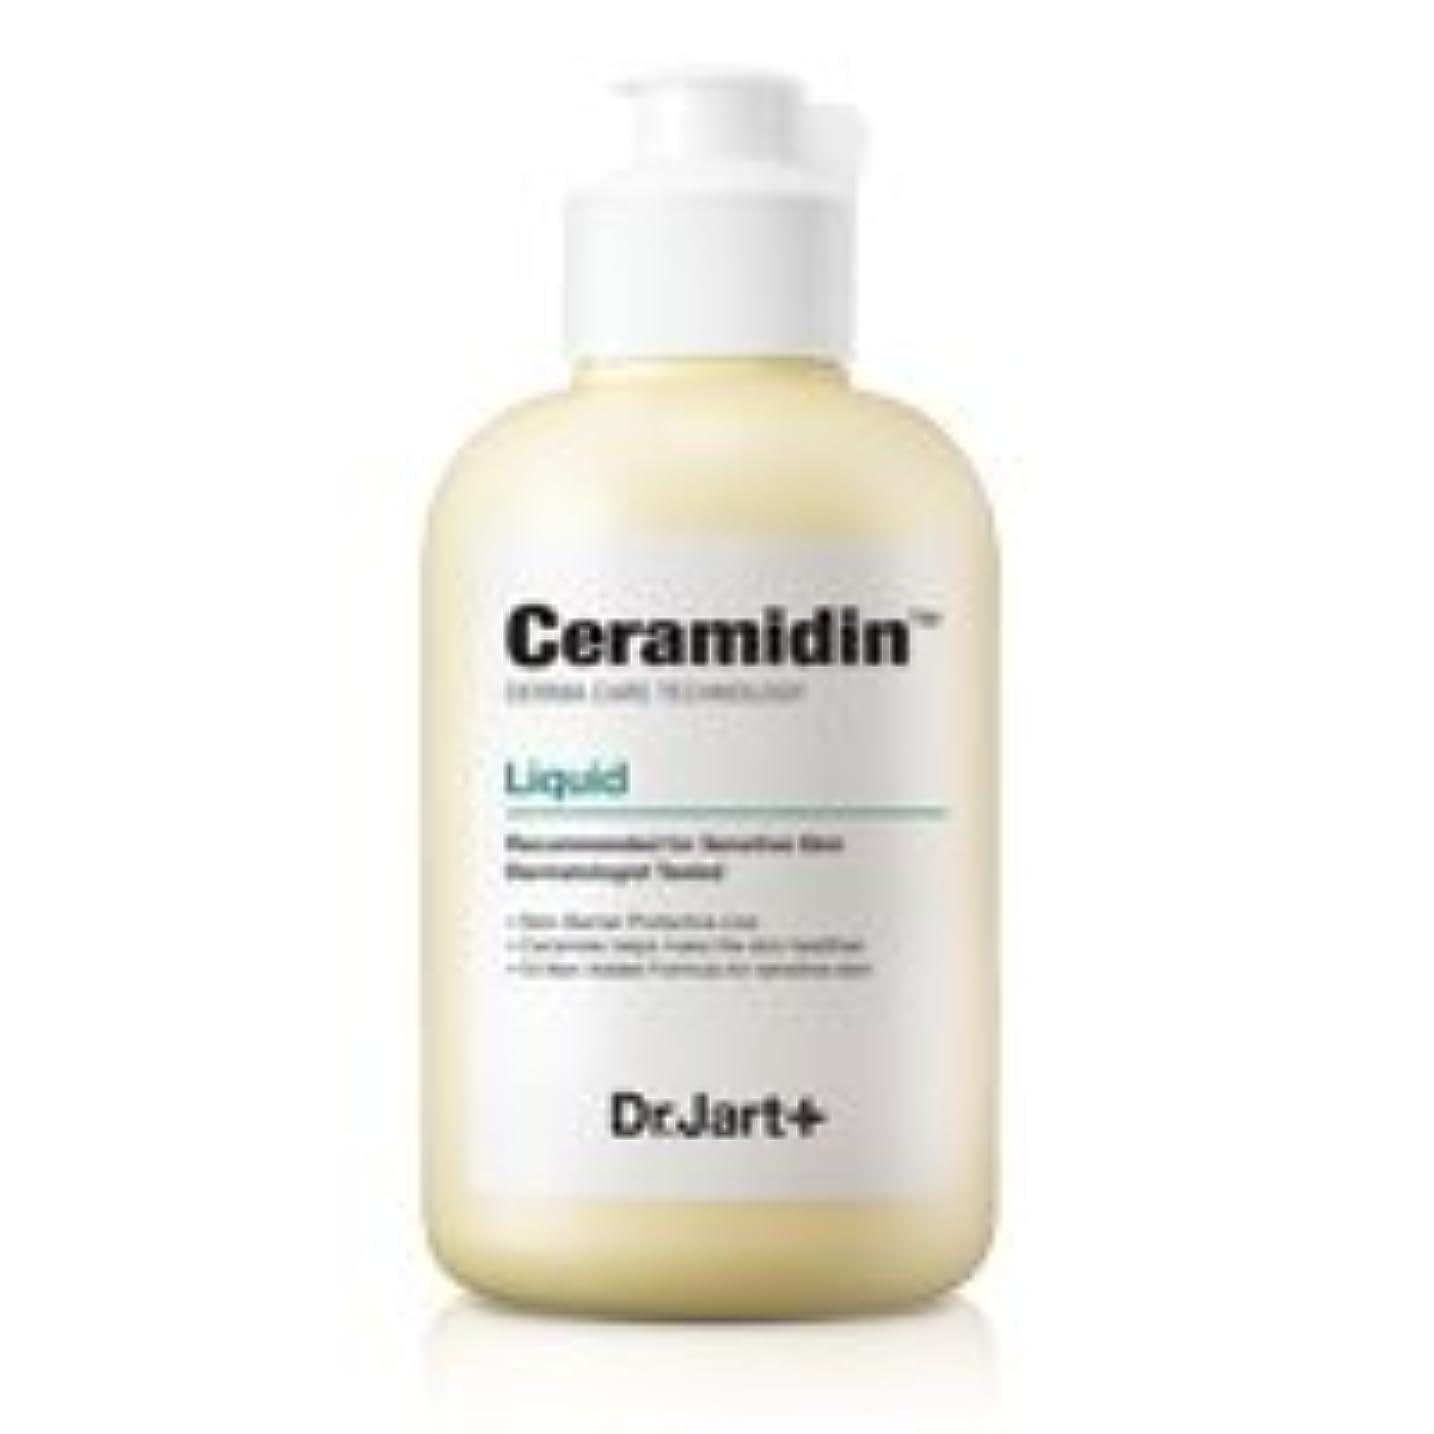 節約司書認証Dr. Jart /ドクタージャルト セラミーディン リキッド トナー(Ceramidin Liquid)[海外直送品]